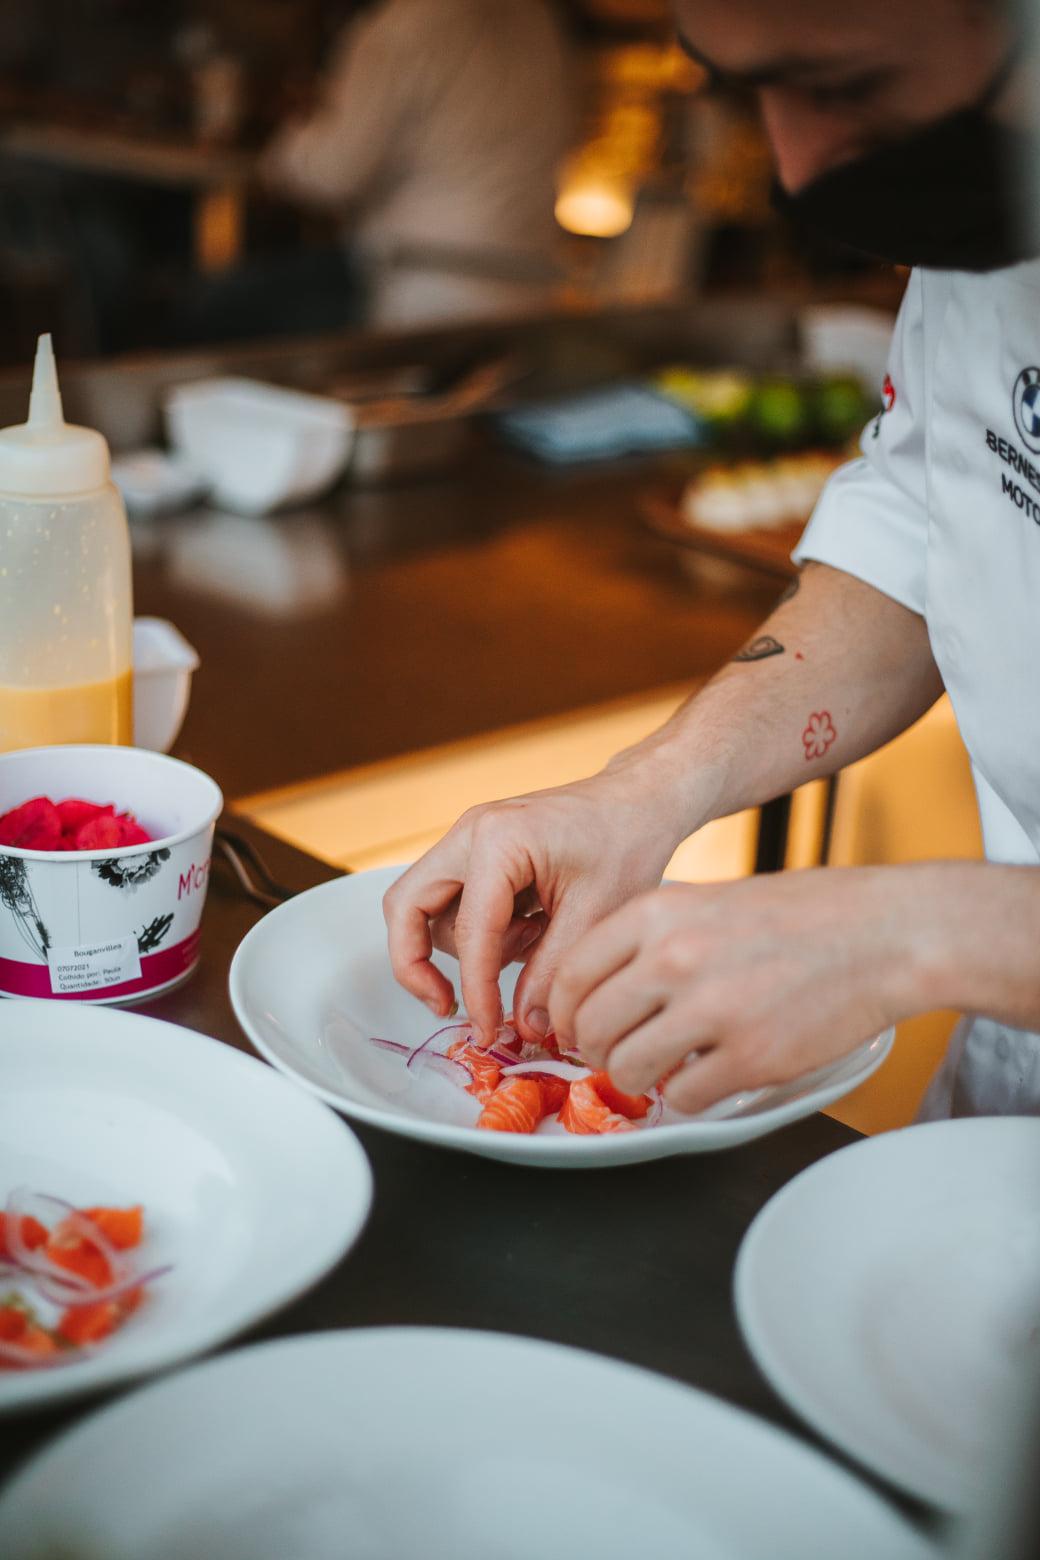 La noche de cocina Nikkei en el restaurante La Violeta, un evento culinario de primer nivel 34